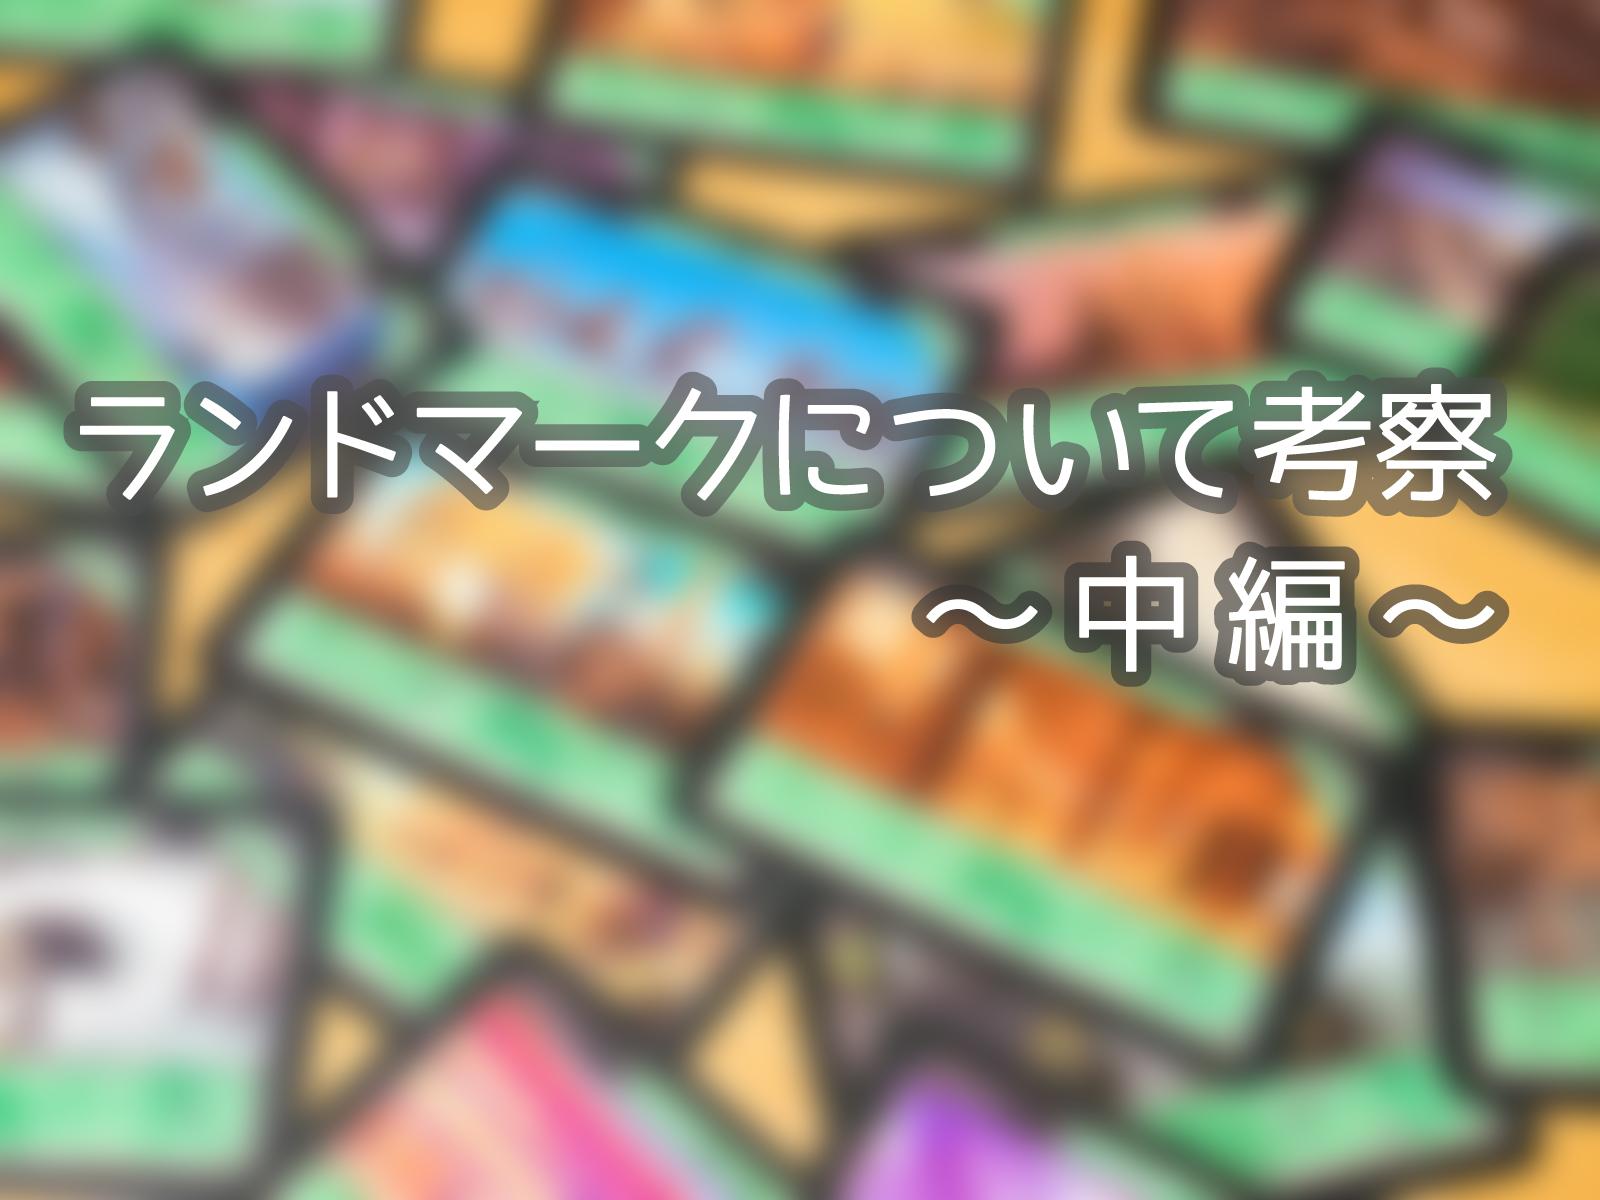 【ドミニオン帝国】新しい勝利点獲得の可能性。『ランドマーク』について考察/中編